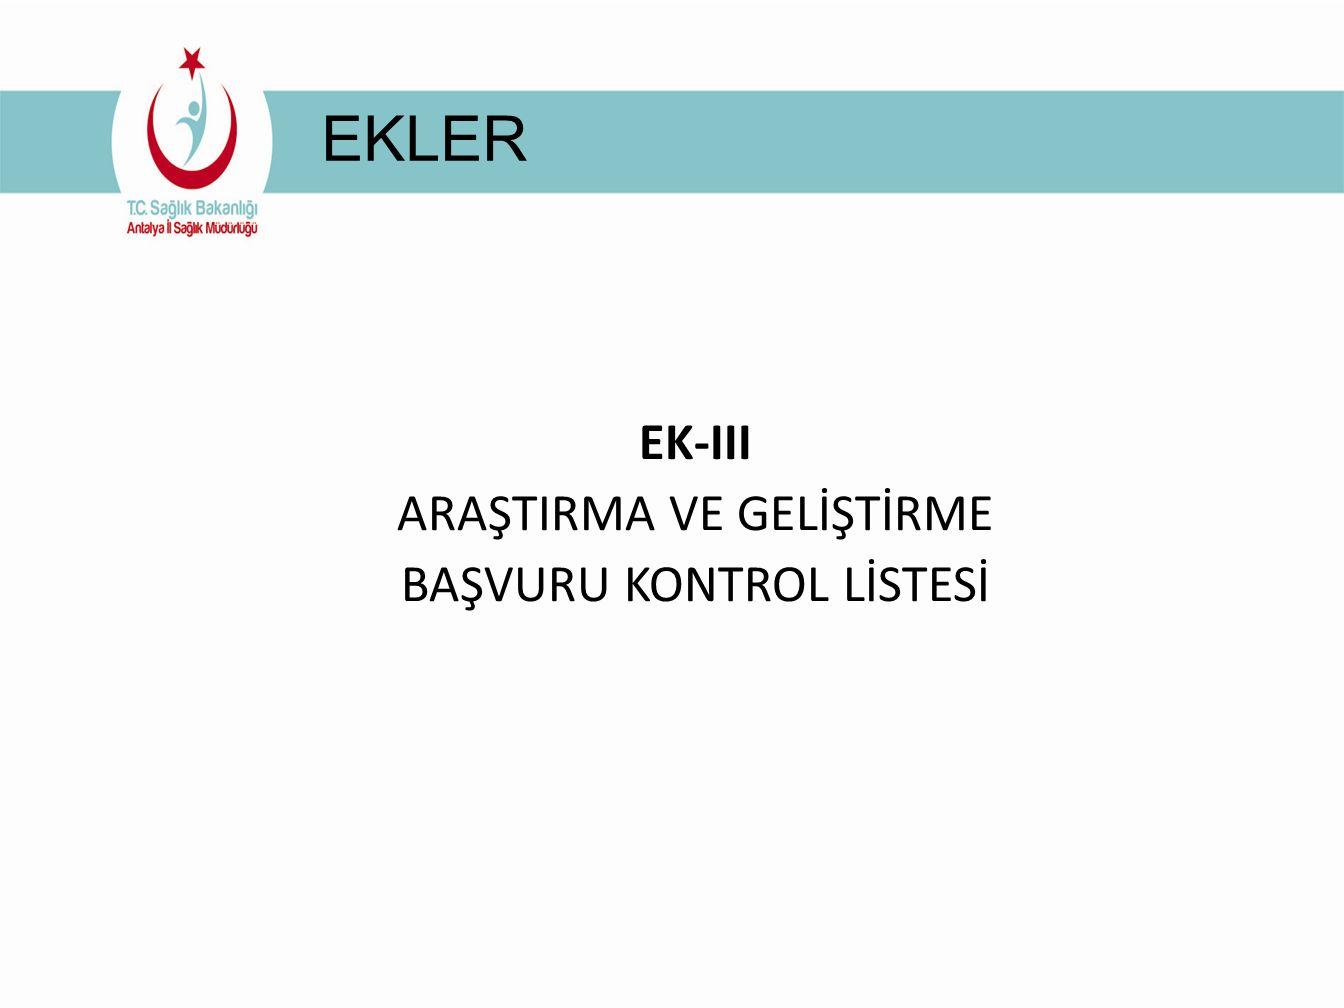 EKLER EK-III ARAŞTIRMA VE GELİŞTİRME BAŞVURU KONTROL LİSTESİ